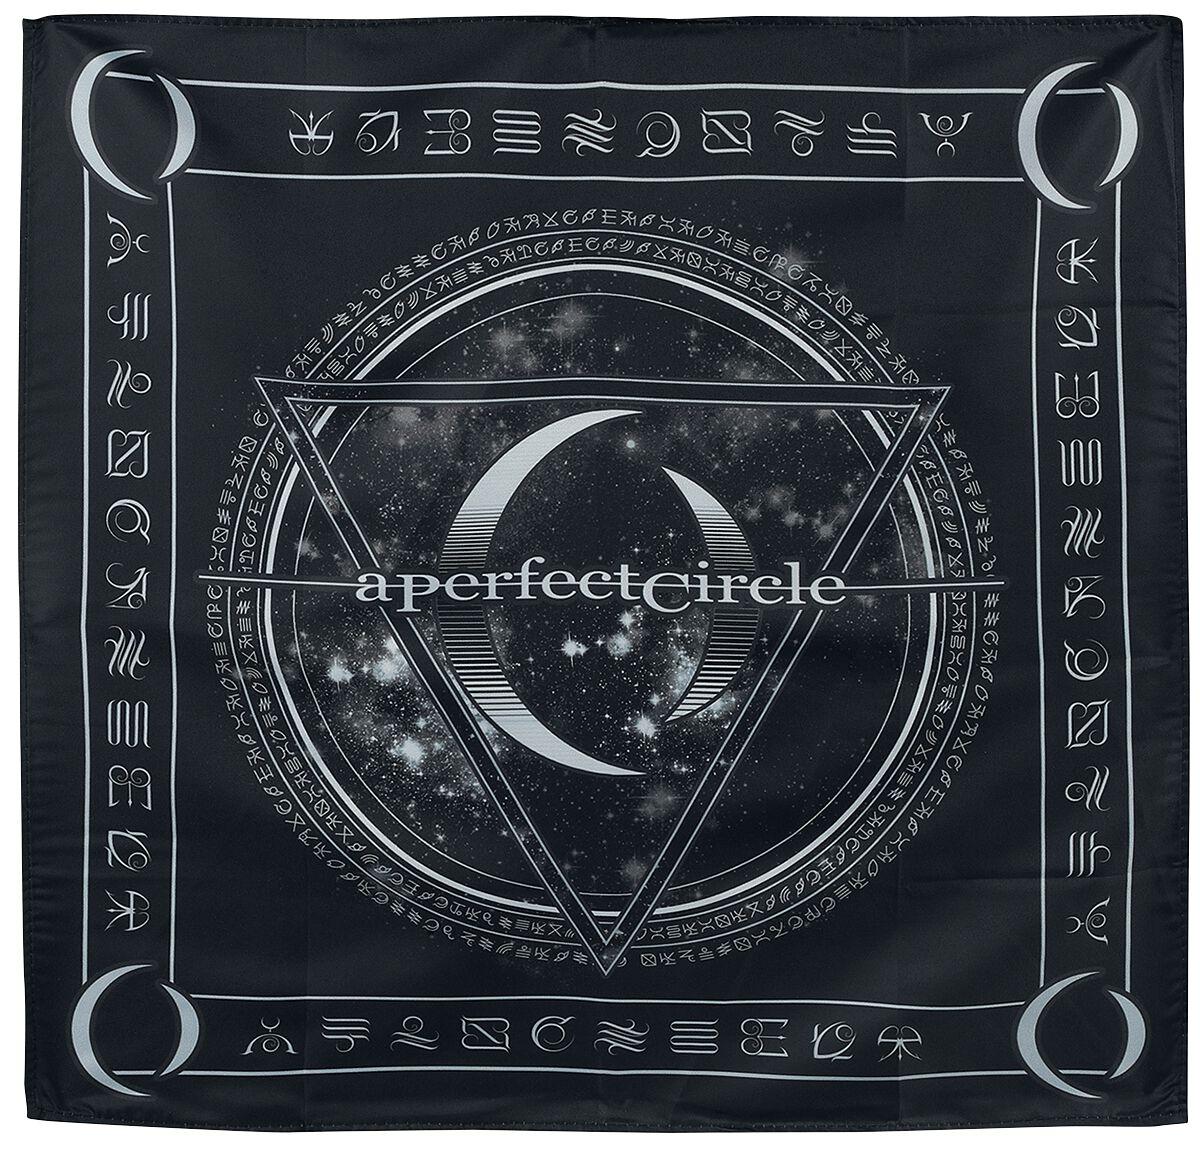 Image of A Perfect Circle Hieroglyphics - Bandana Bandana schwarz